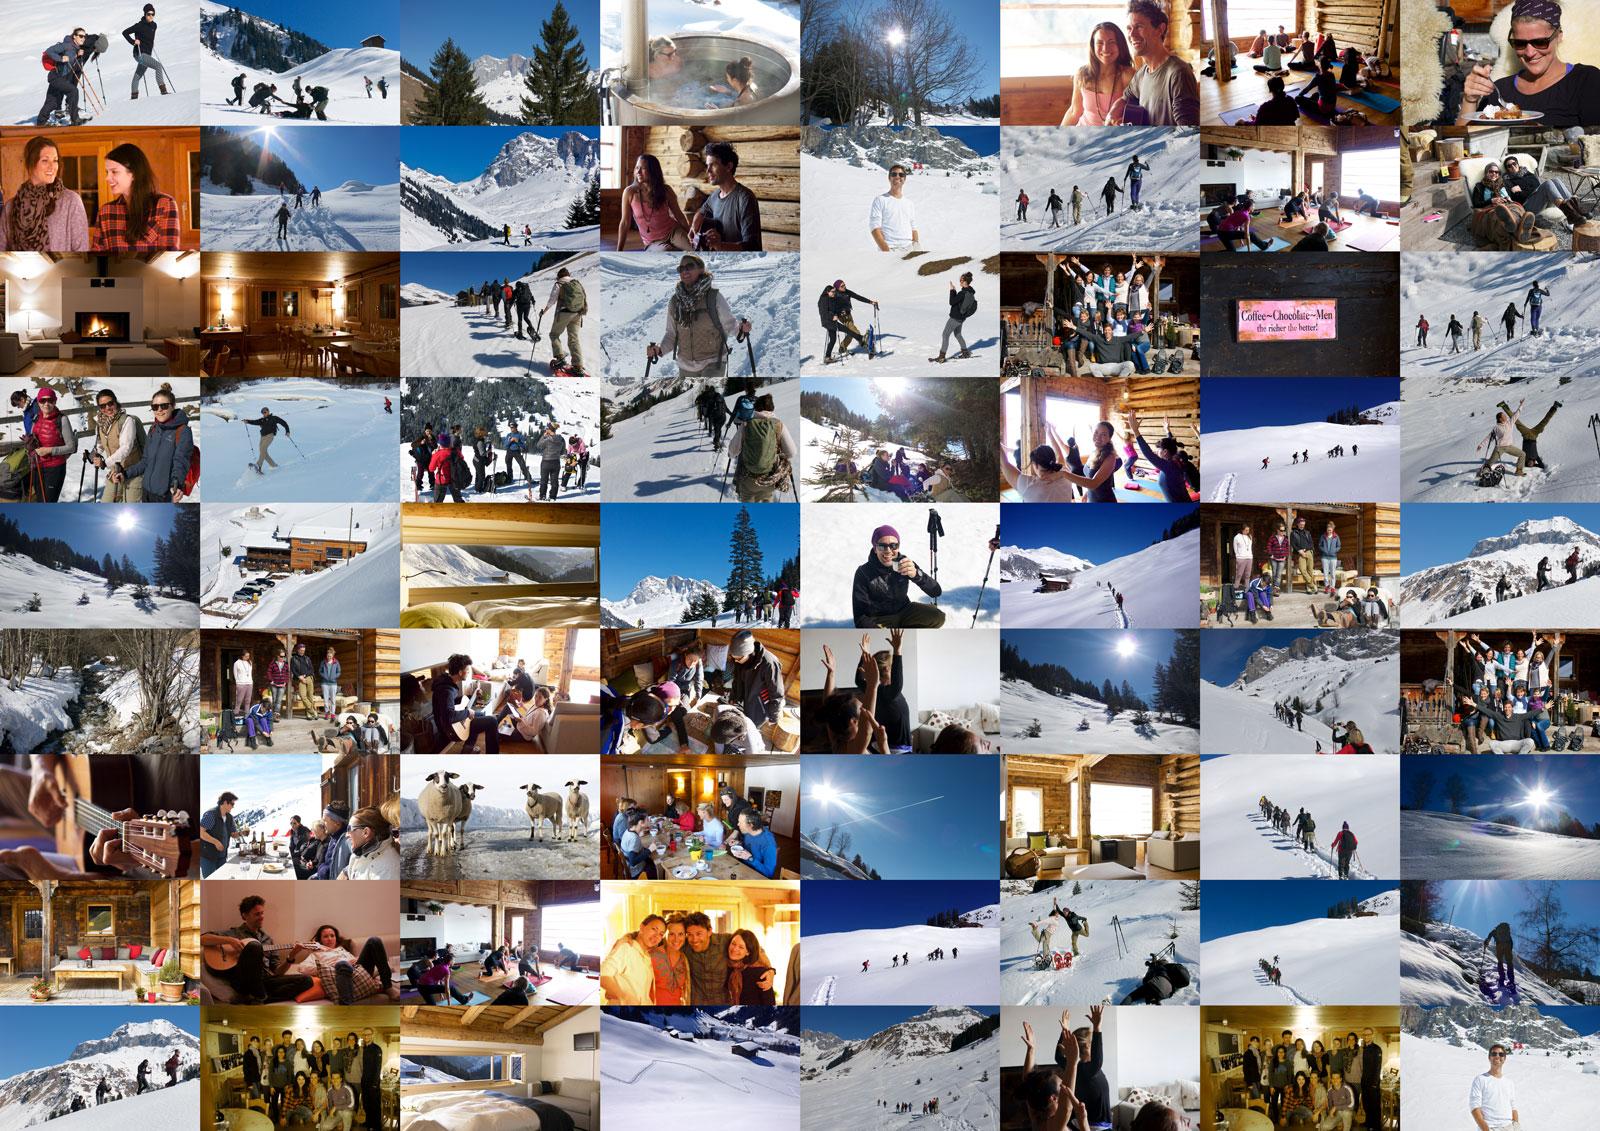 Yogaferien Graubünden | Freitag, 11. März – Sonntag, 13. März